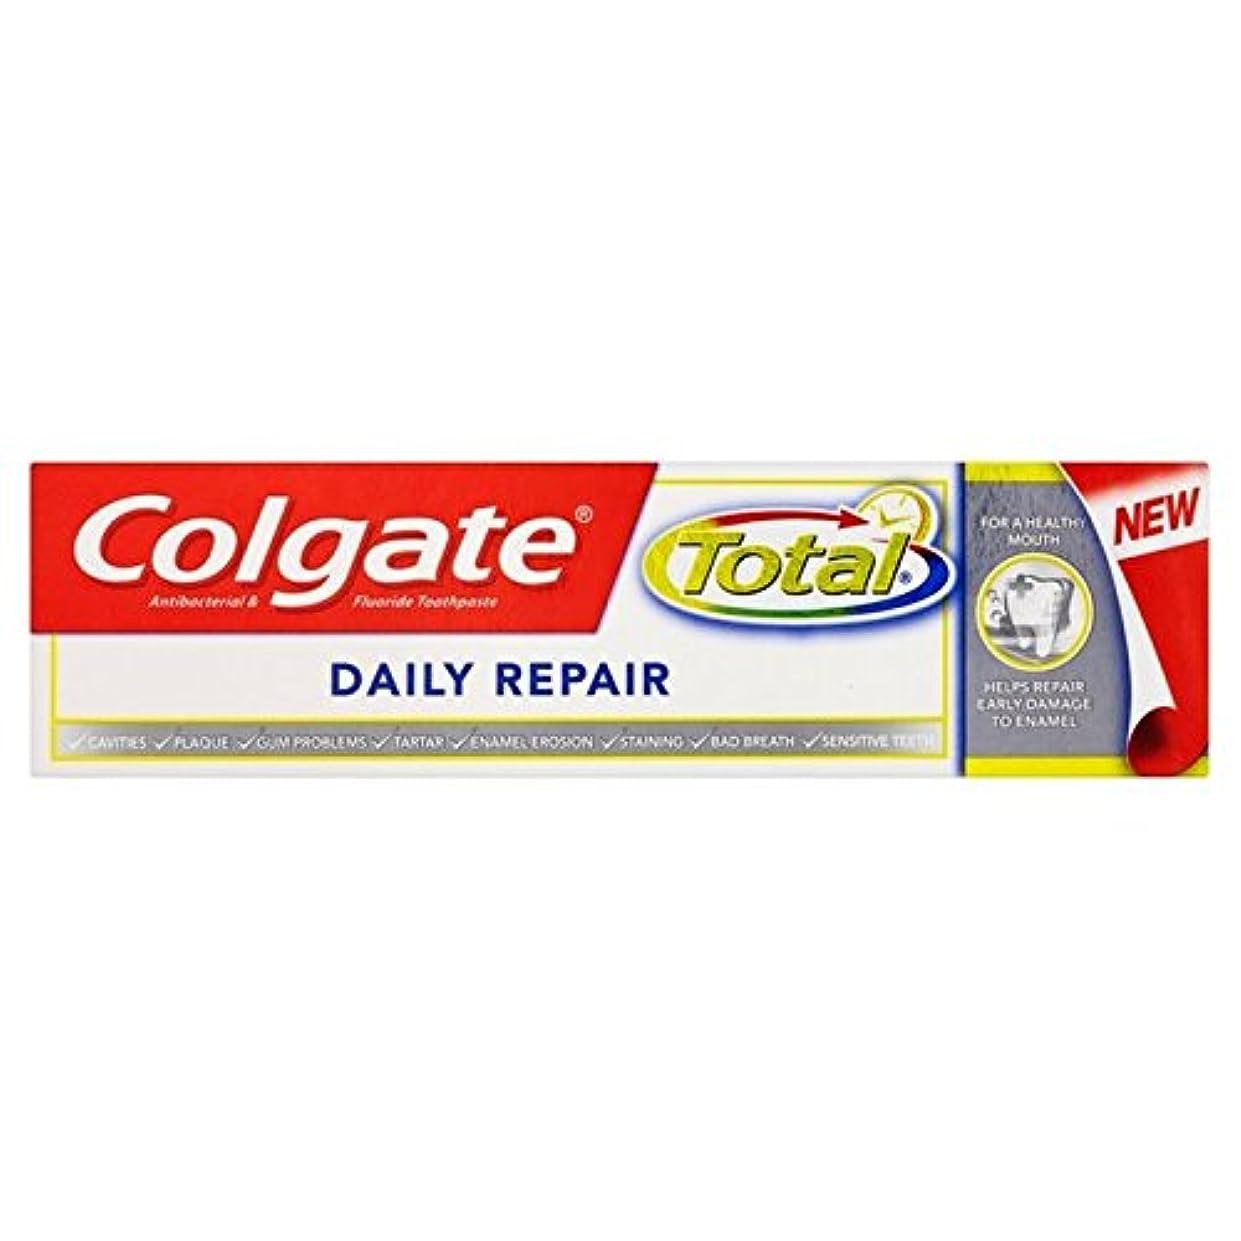 意識腐食するボイラーColgate Total Daily Repair Toothpaste 75ml - コルゲートトータル毎日修理歯磨き粉75ミリリットル [並行輸入品]